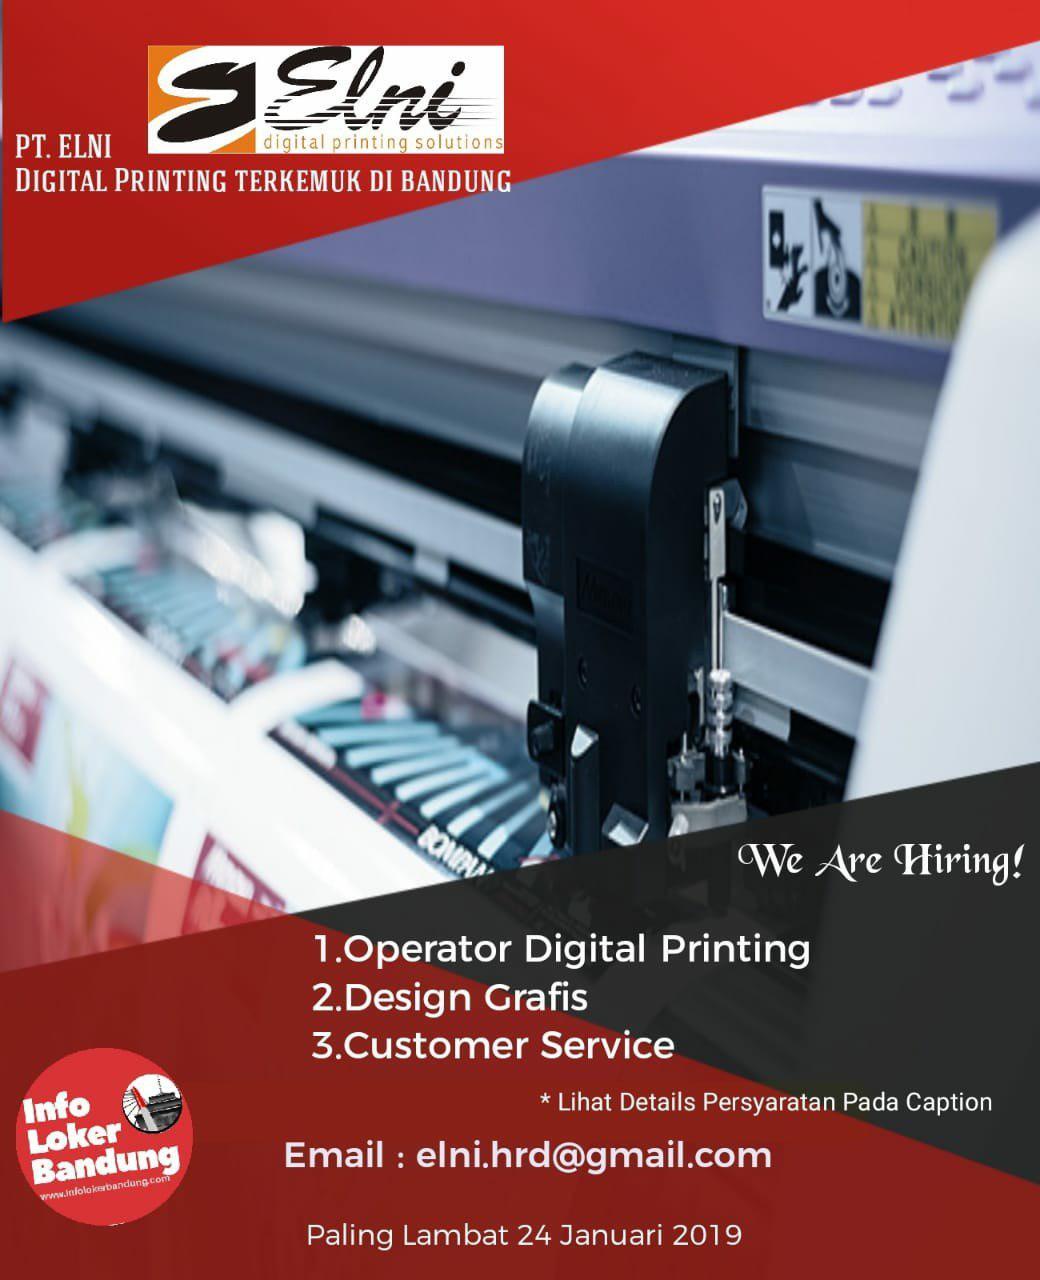 Lowongan Kerja PT. Elni Digital Printing Bandung Januari 2019